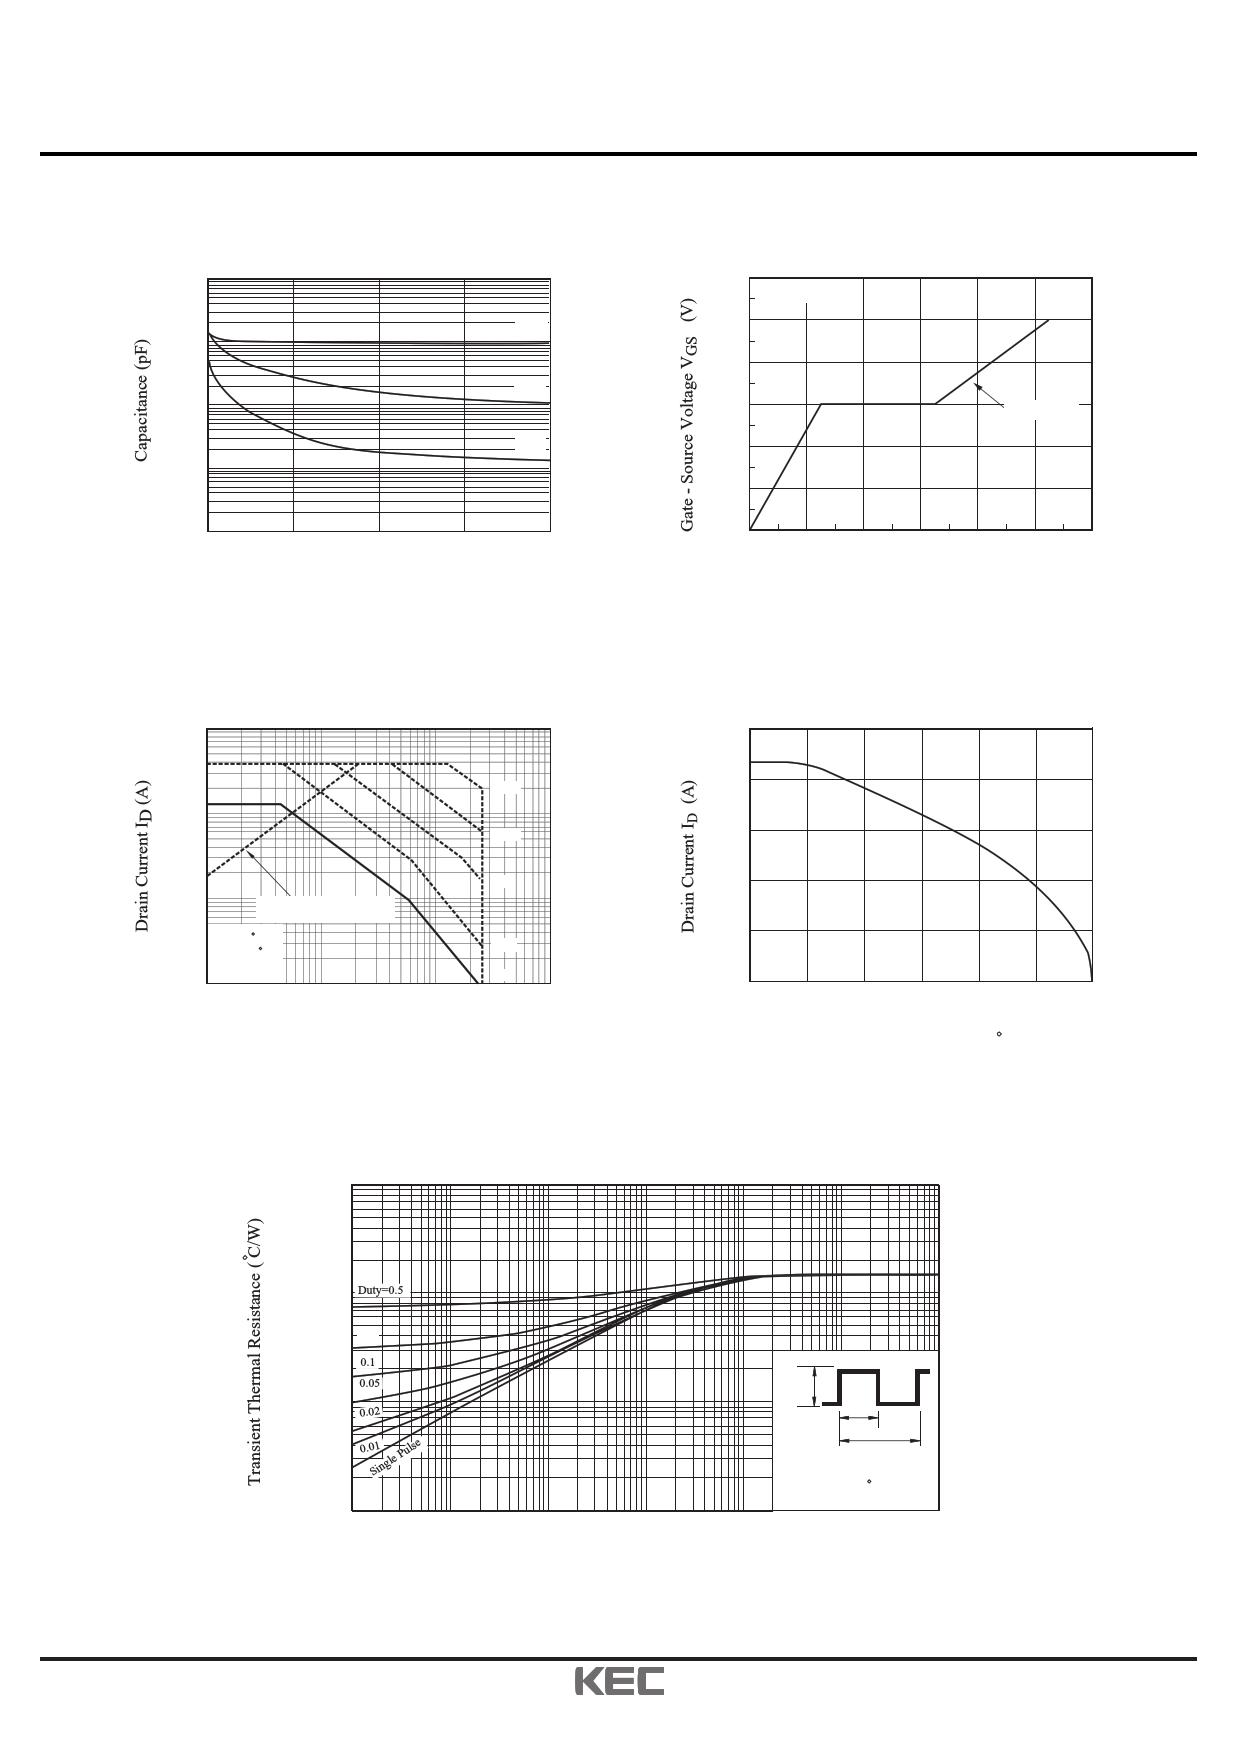 KF16N25D pdf, 반도체, 판매, 대치품